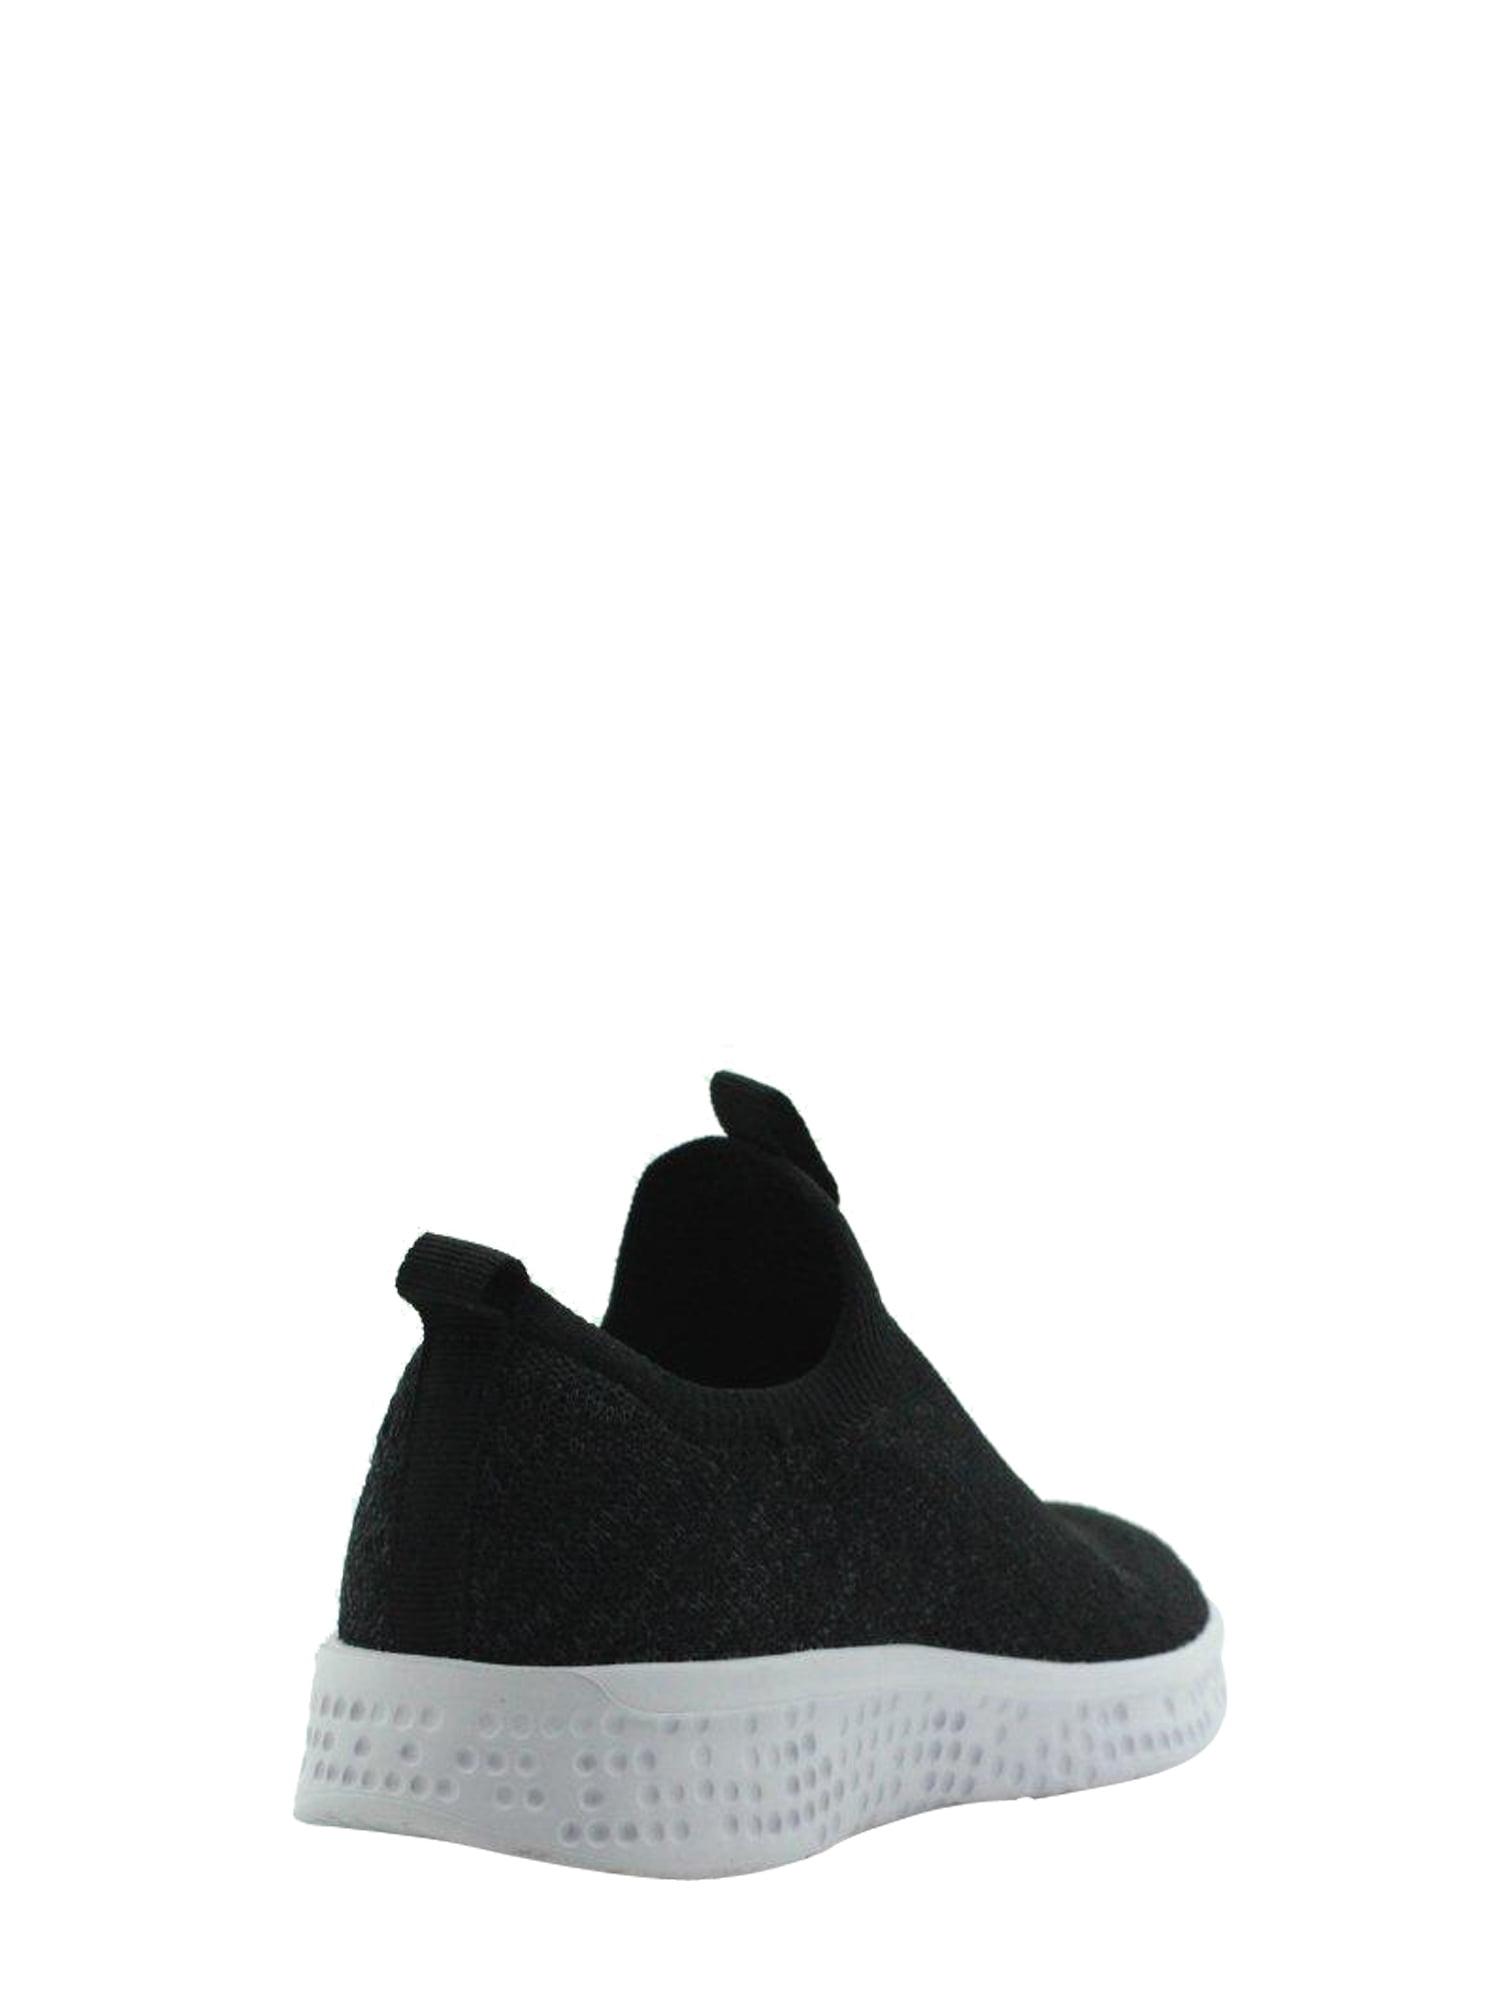 Avia - Women's Avia Slip On Sneaker